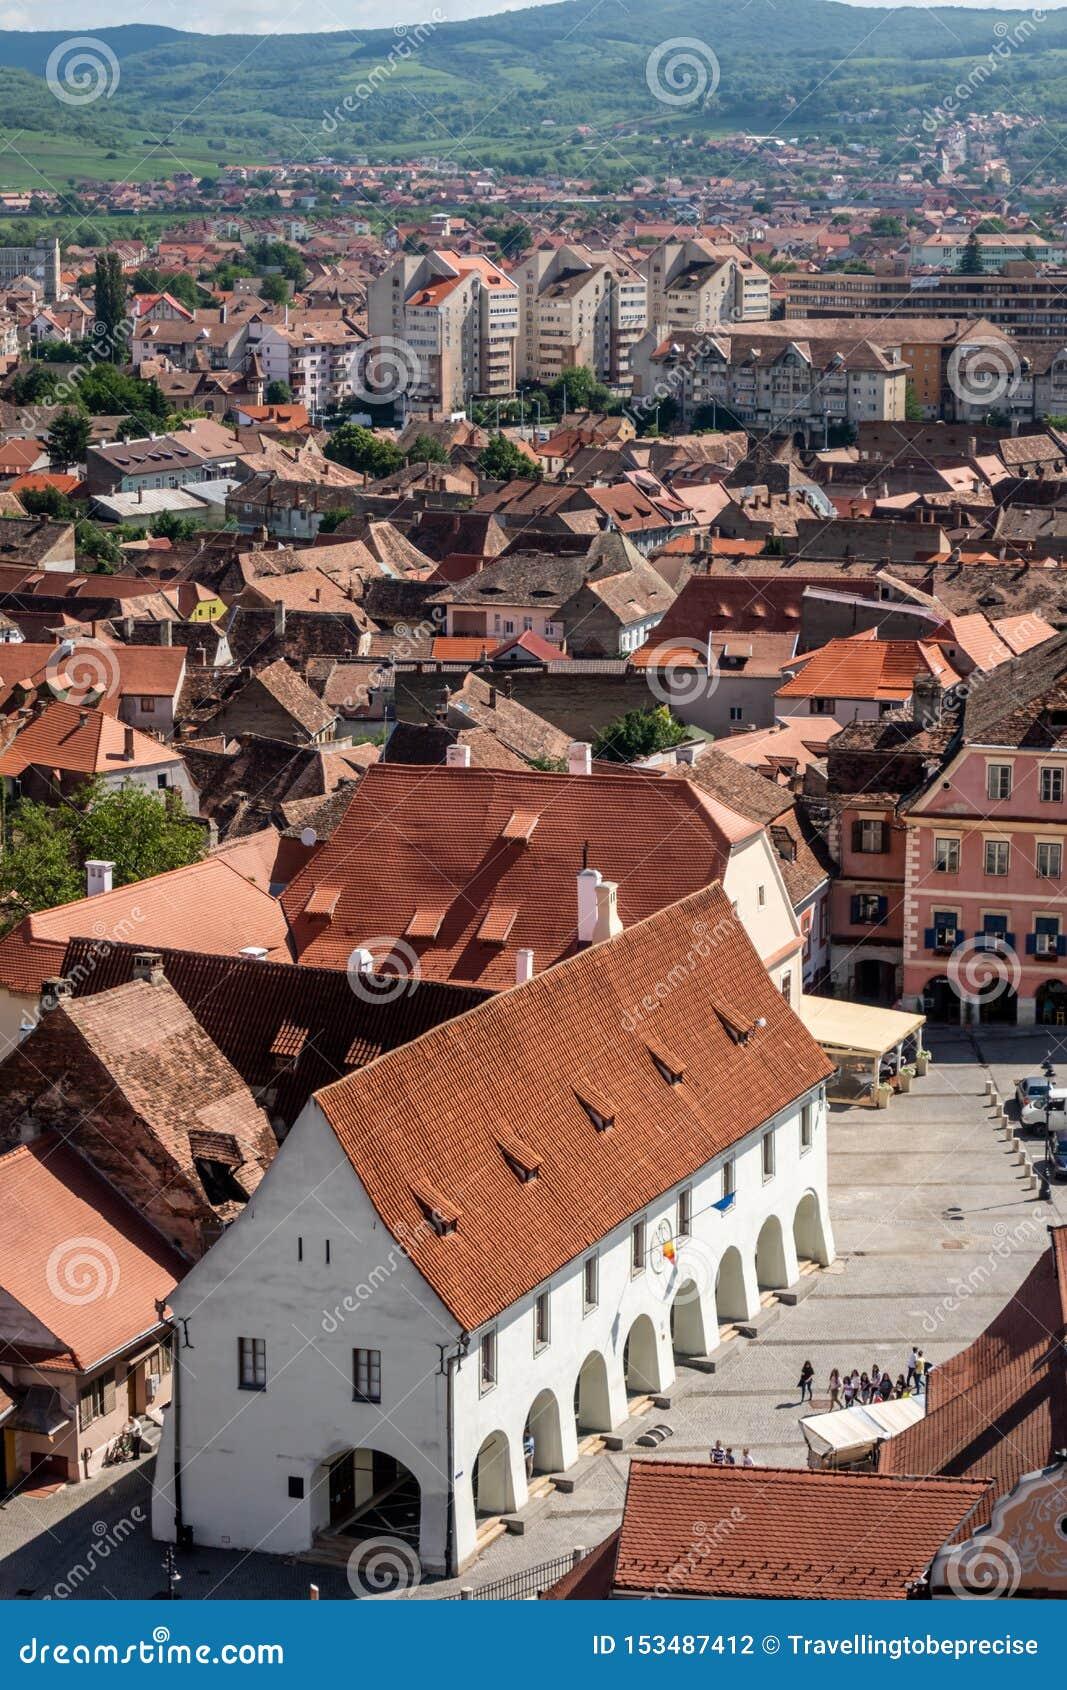 Panorama de Sibiu, la Transylvanie, Roumanie, portée sur la guilde Hall de bouchers